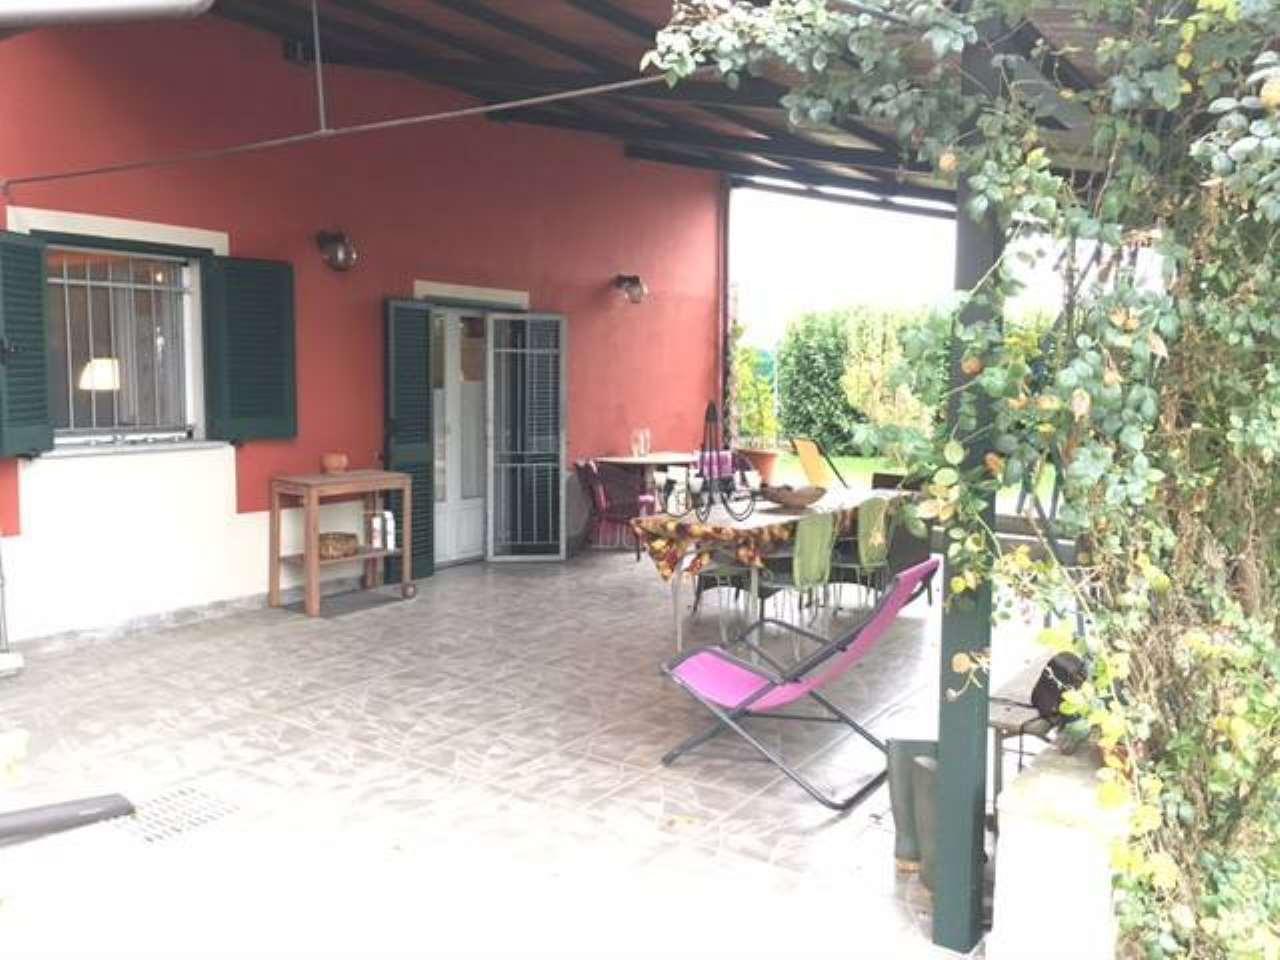 Villa in vendita a Solero, 4 locali, prezzo € 230.000 | CambioCasa.it